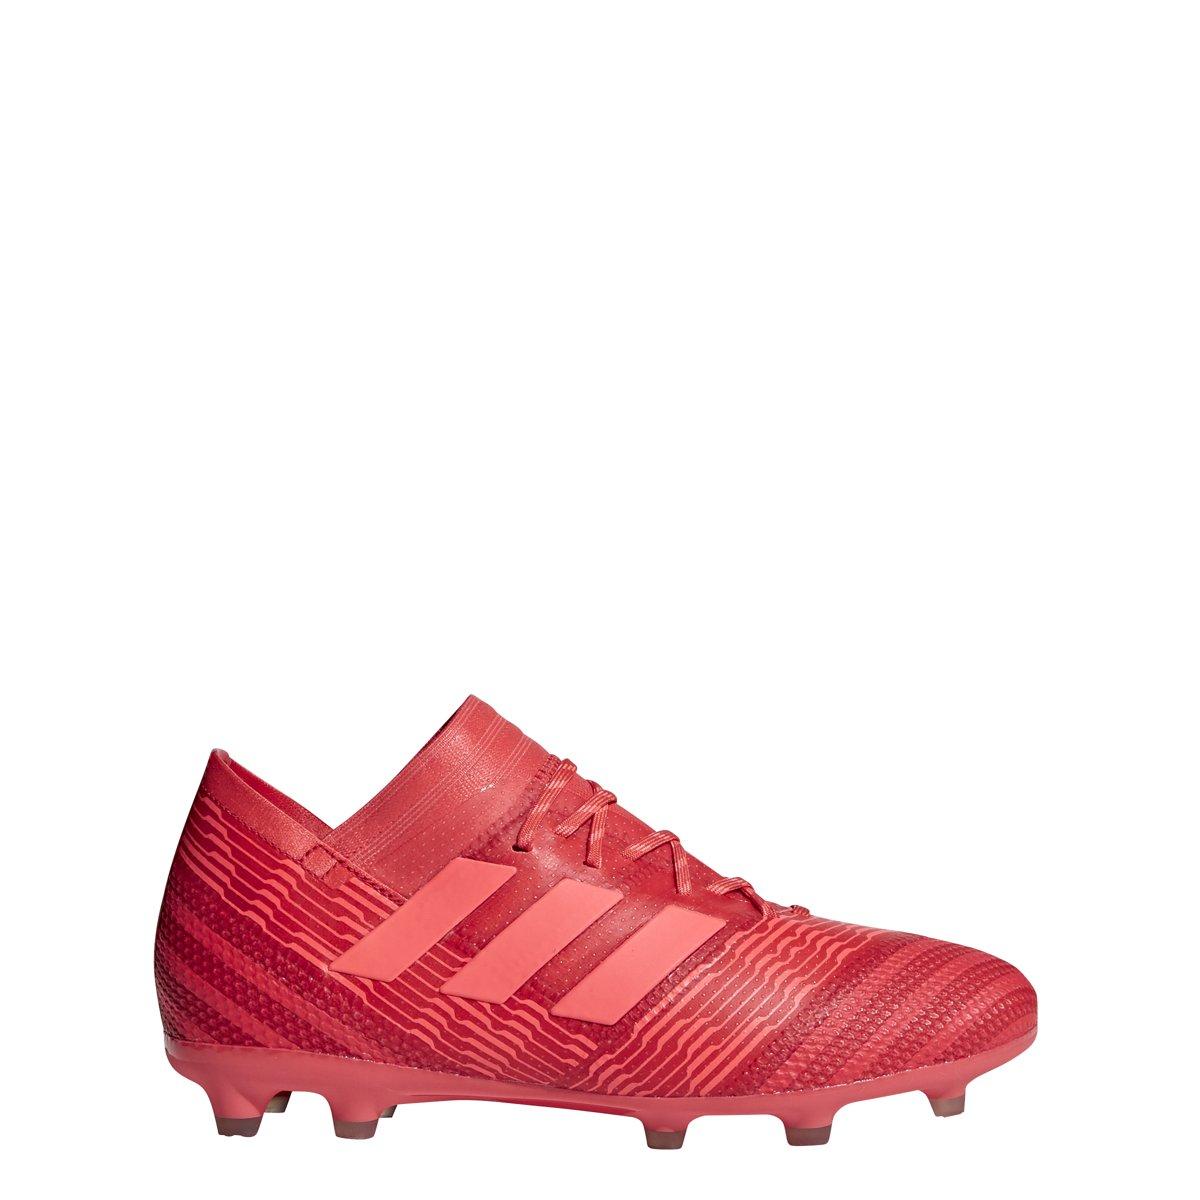 adidas Nemeziz 17.1 Firm Ground Soccer Cleats Kids (6) by adidas